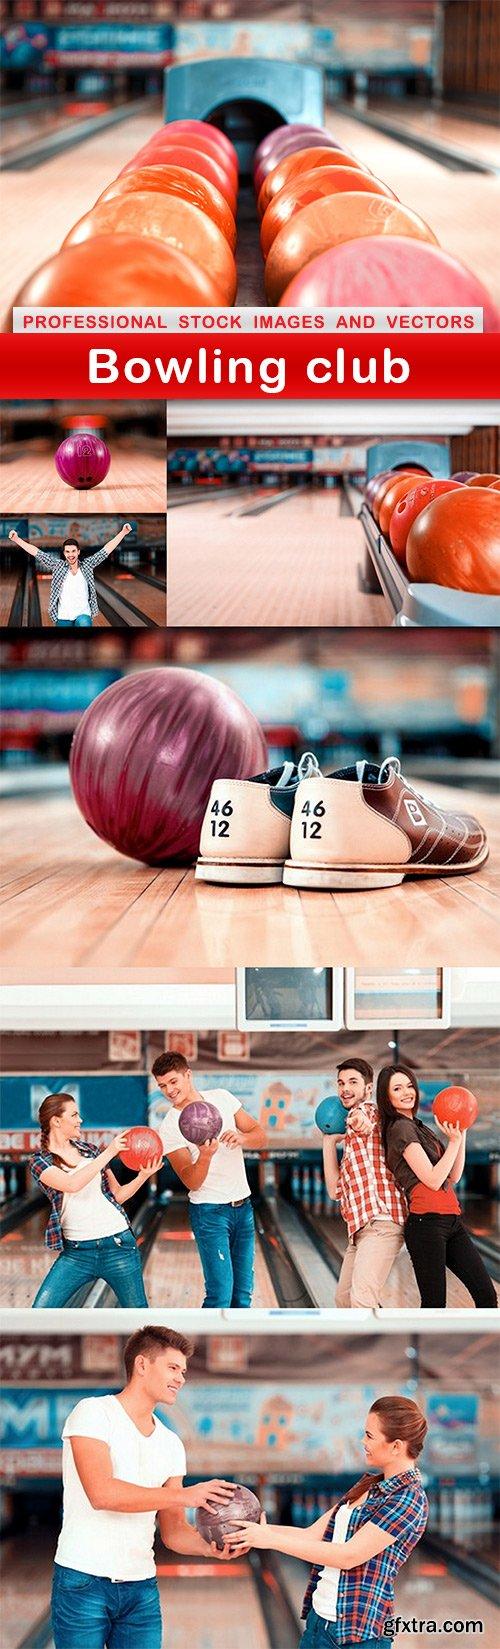 Bowling club - 7 UHQ JPEG